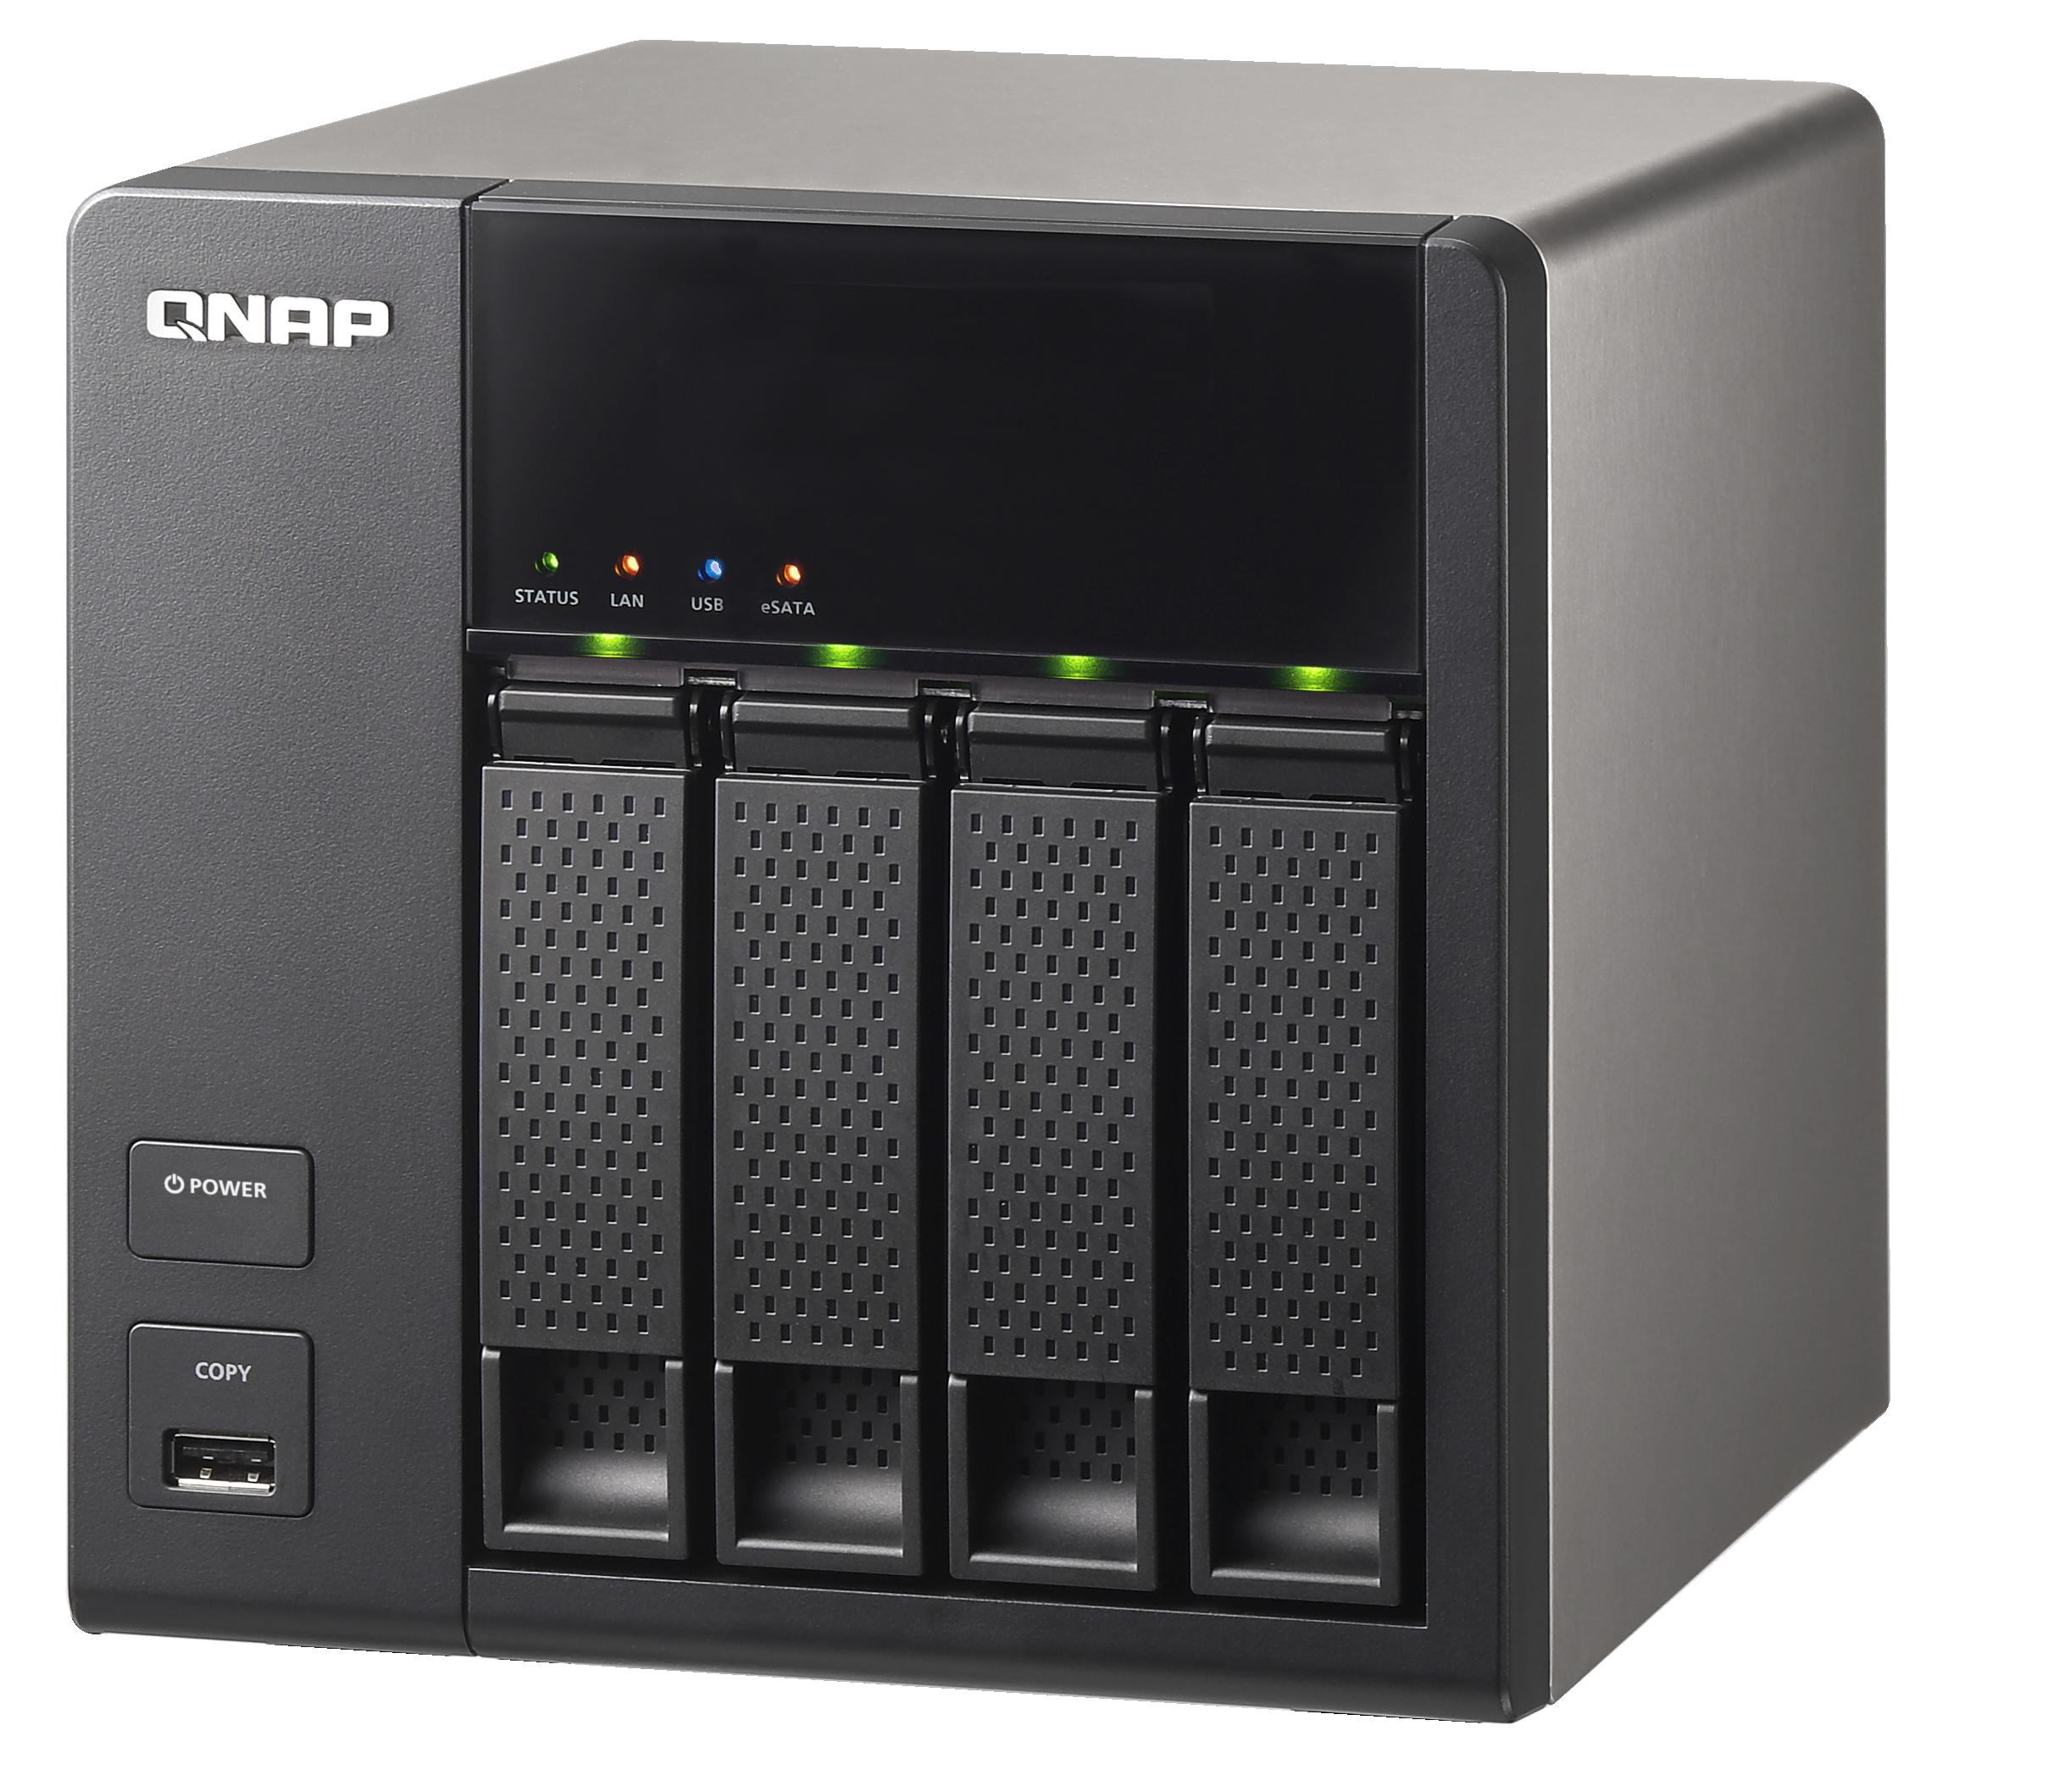 QNAP TS-412 - Prijzen - Tweakers